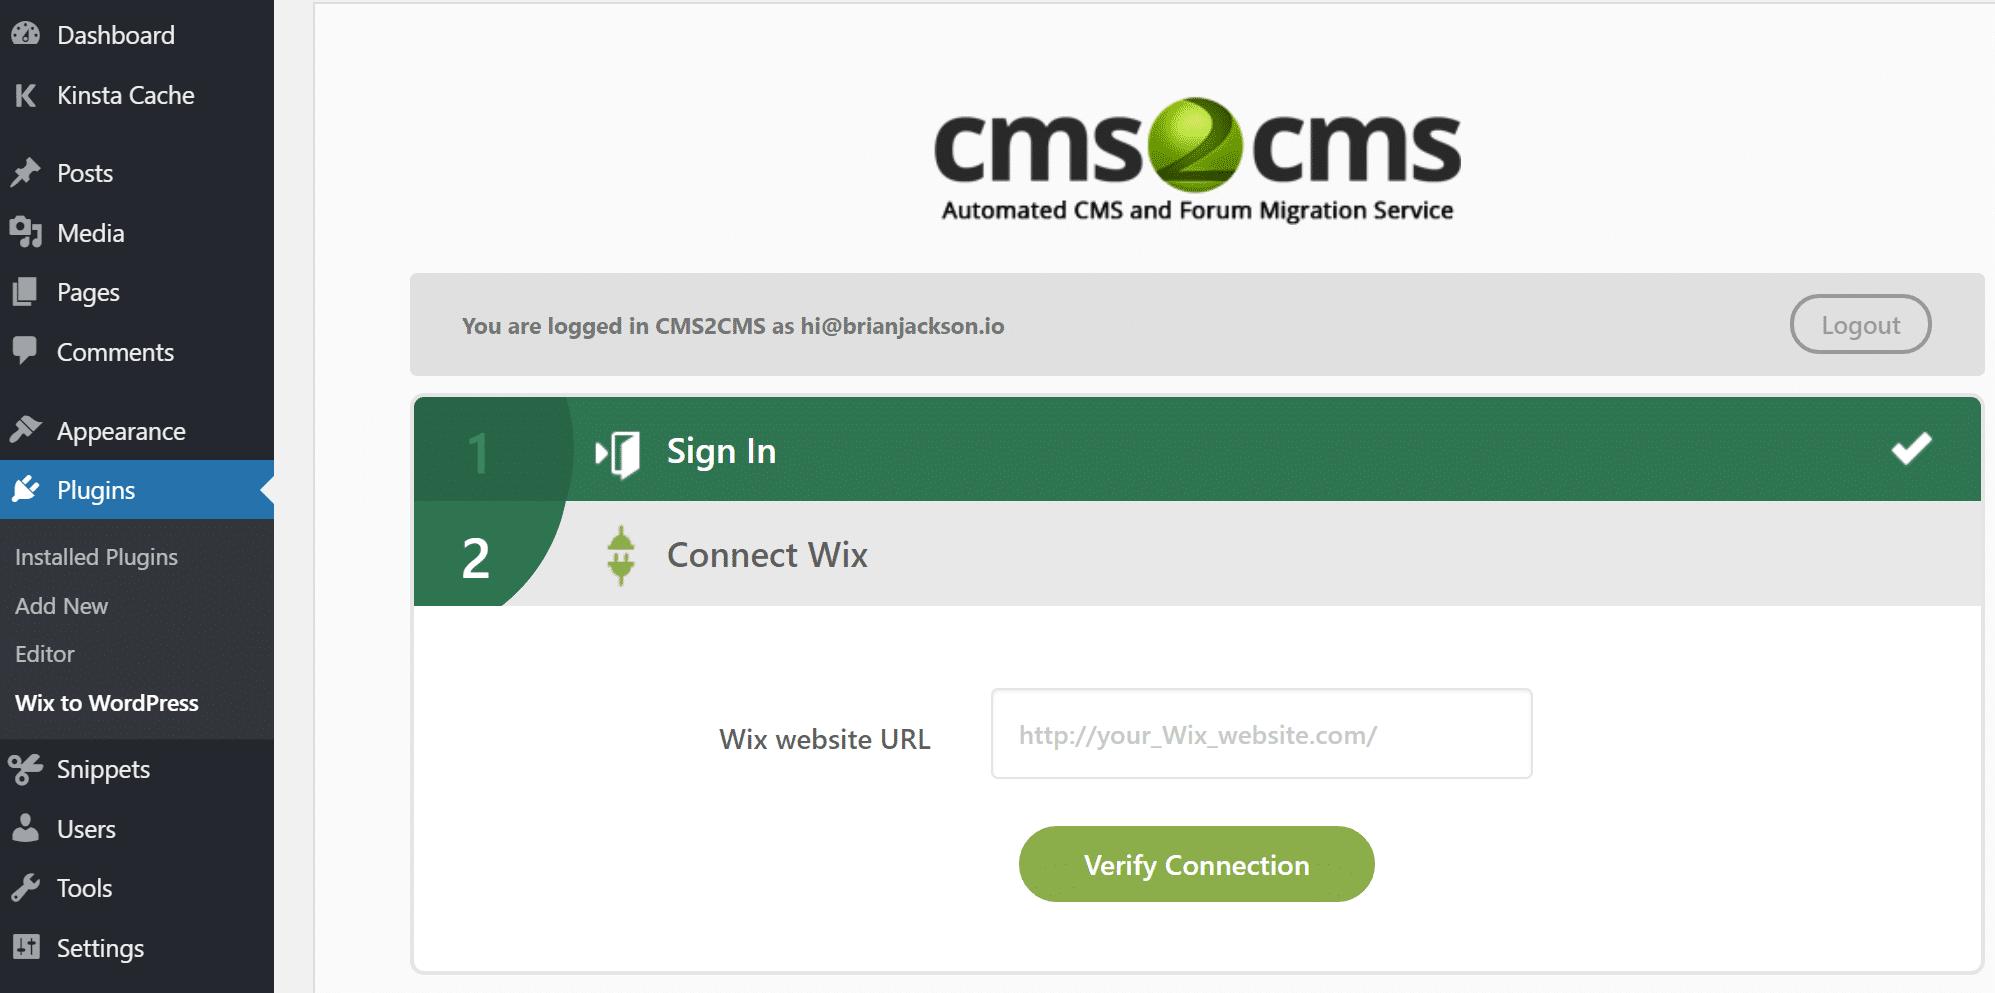 URL do site Wix